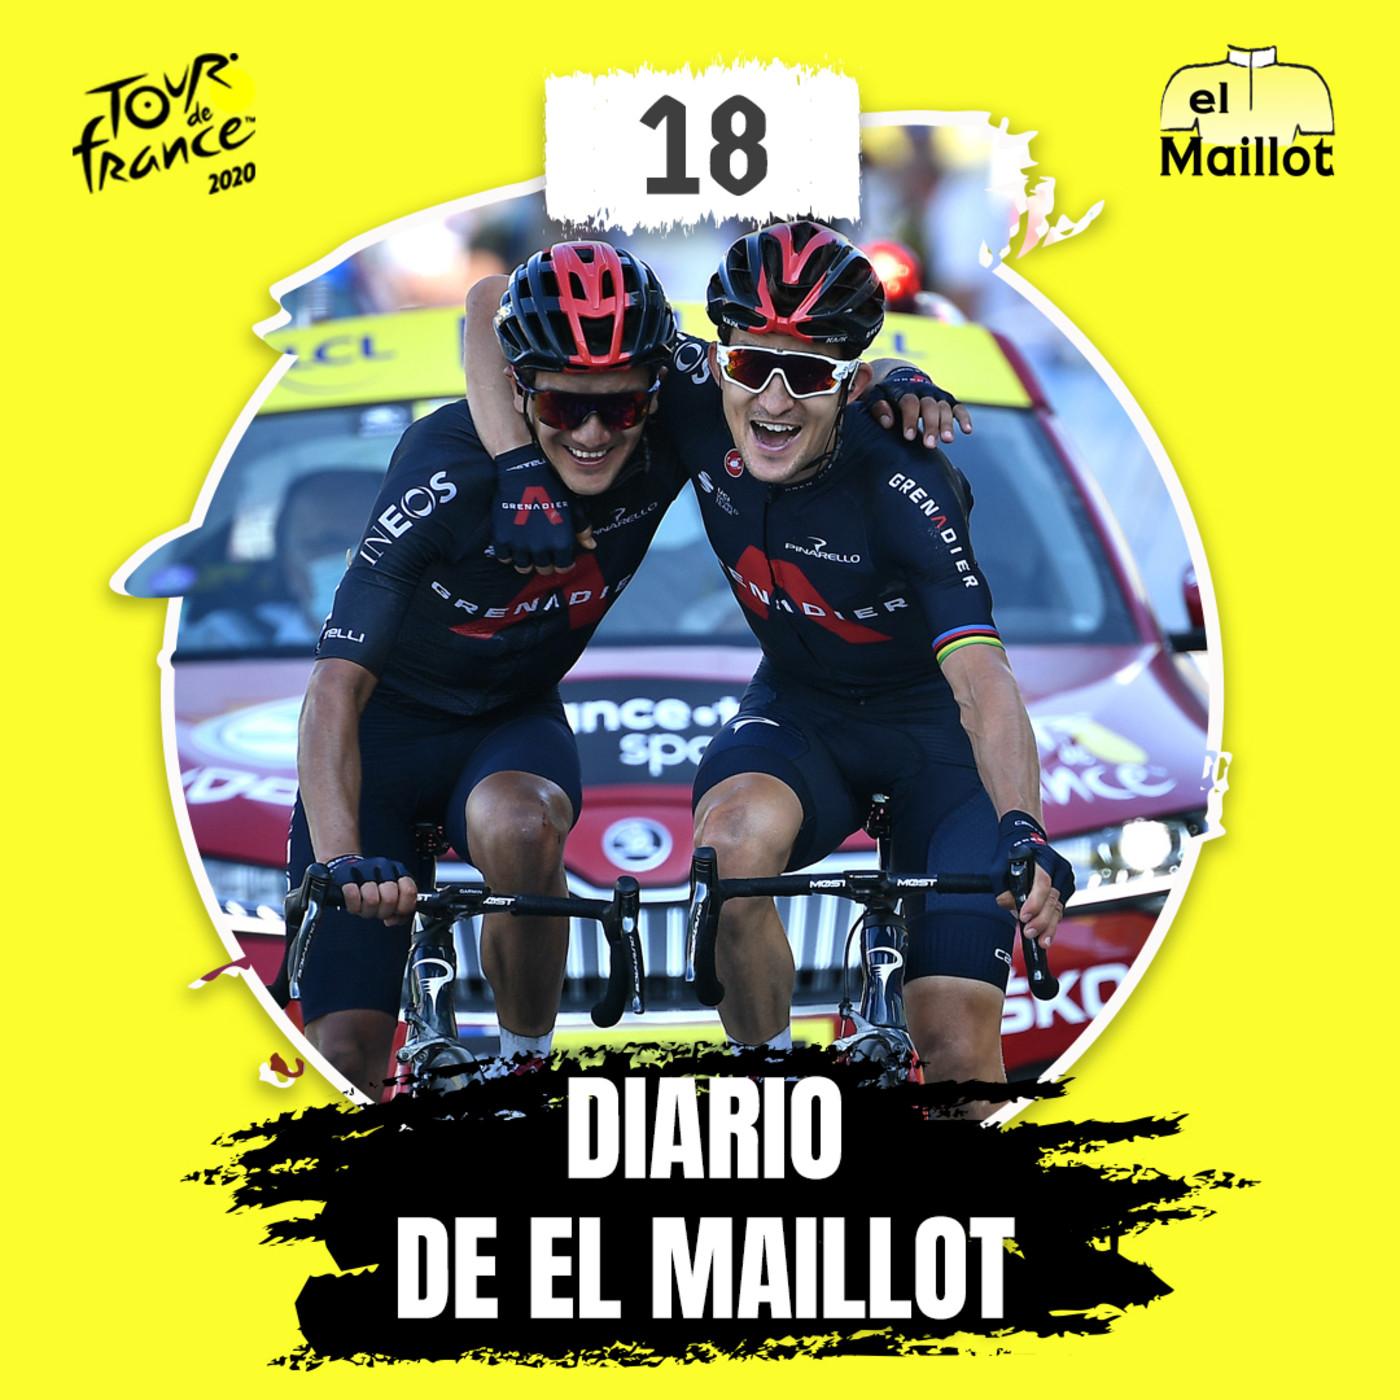 Diario El Maillot | Tour de Francia 2020: 18ª etapa